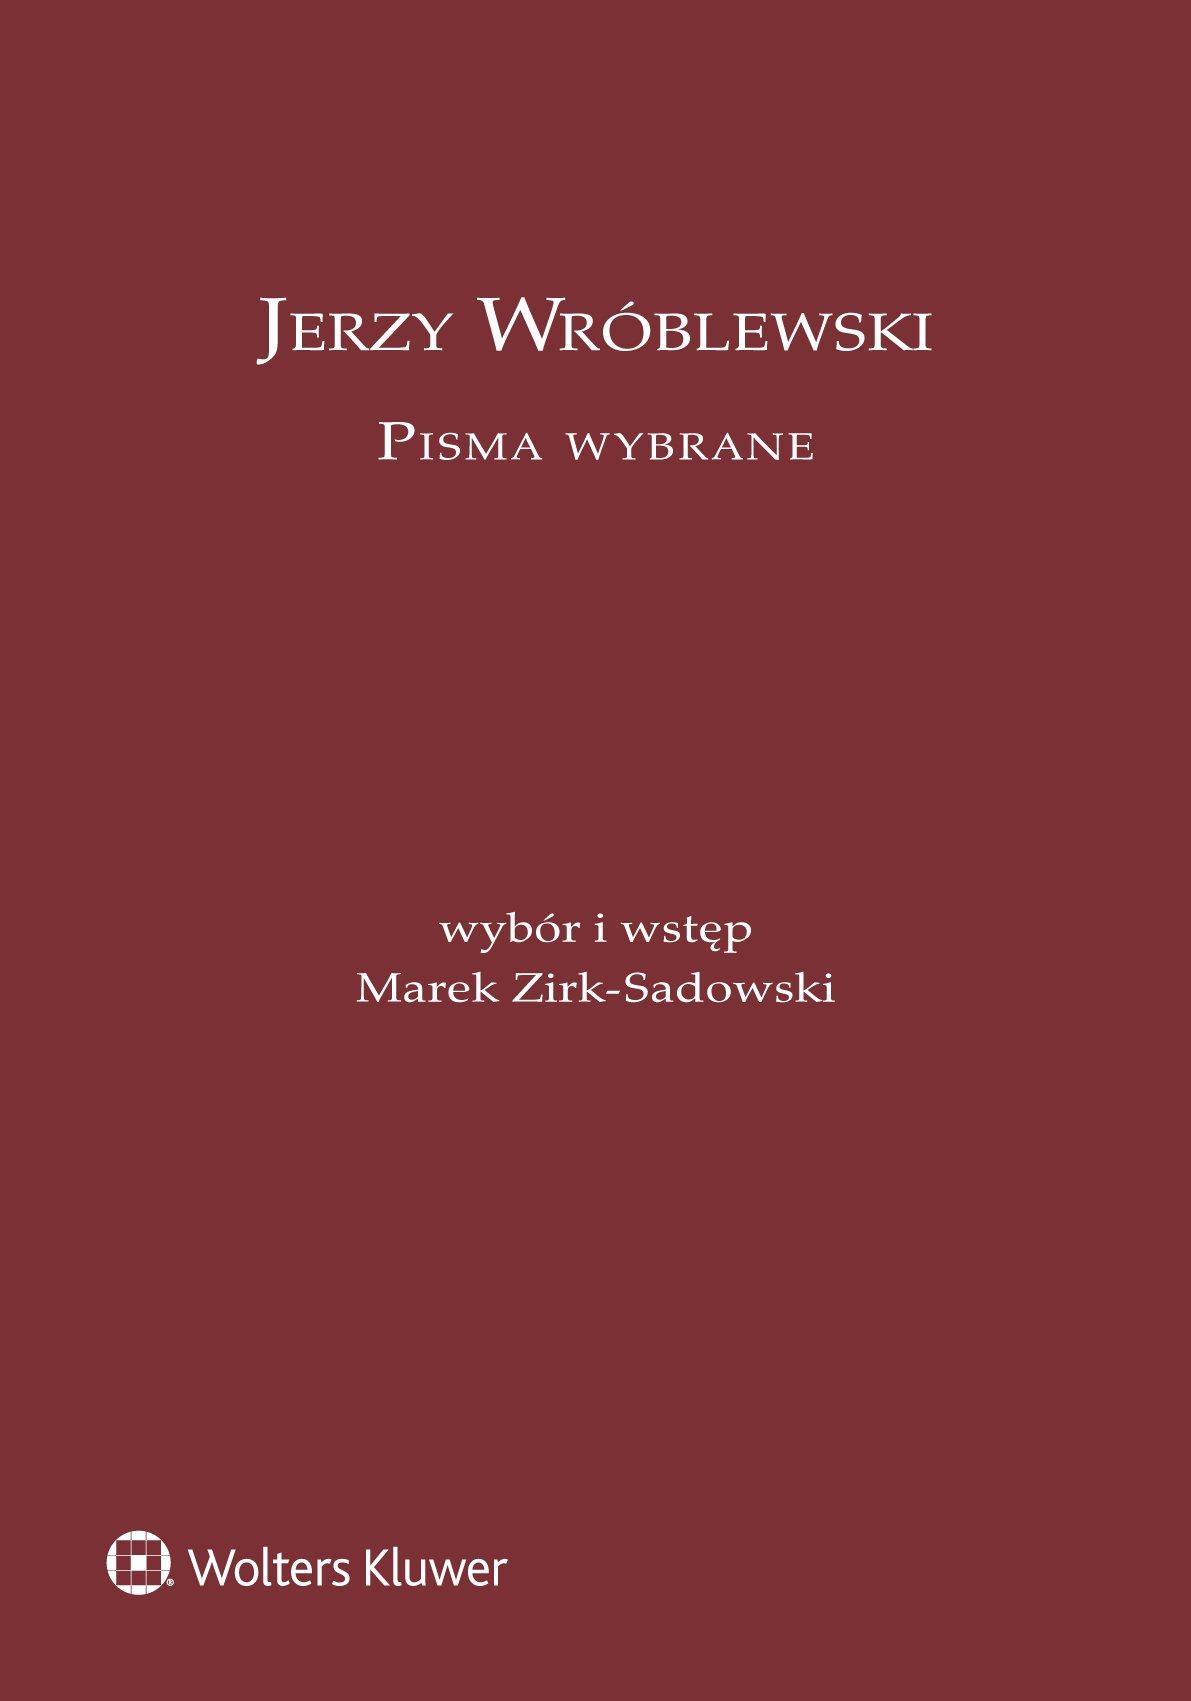 Jerzy Wróblewski. Pisma wybrane - Ebook (Książka PDF) do pobrania w formacie PDF